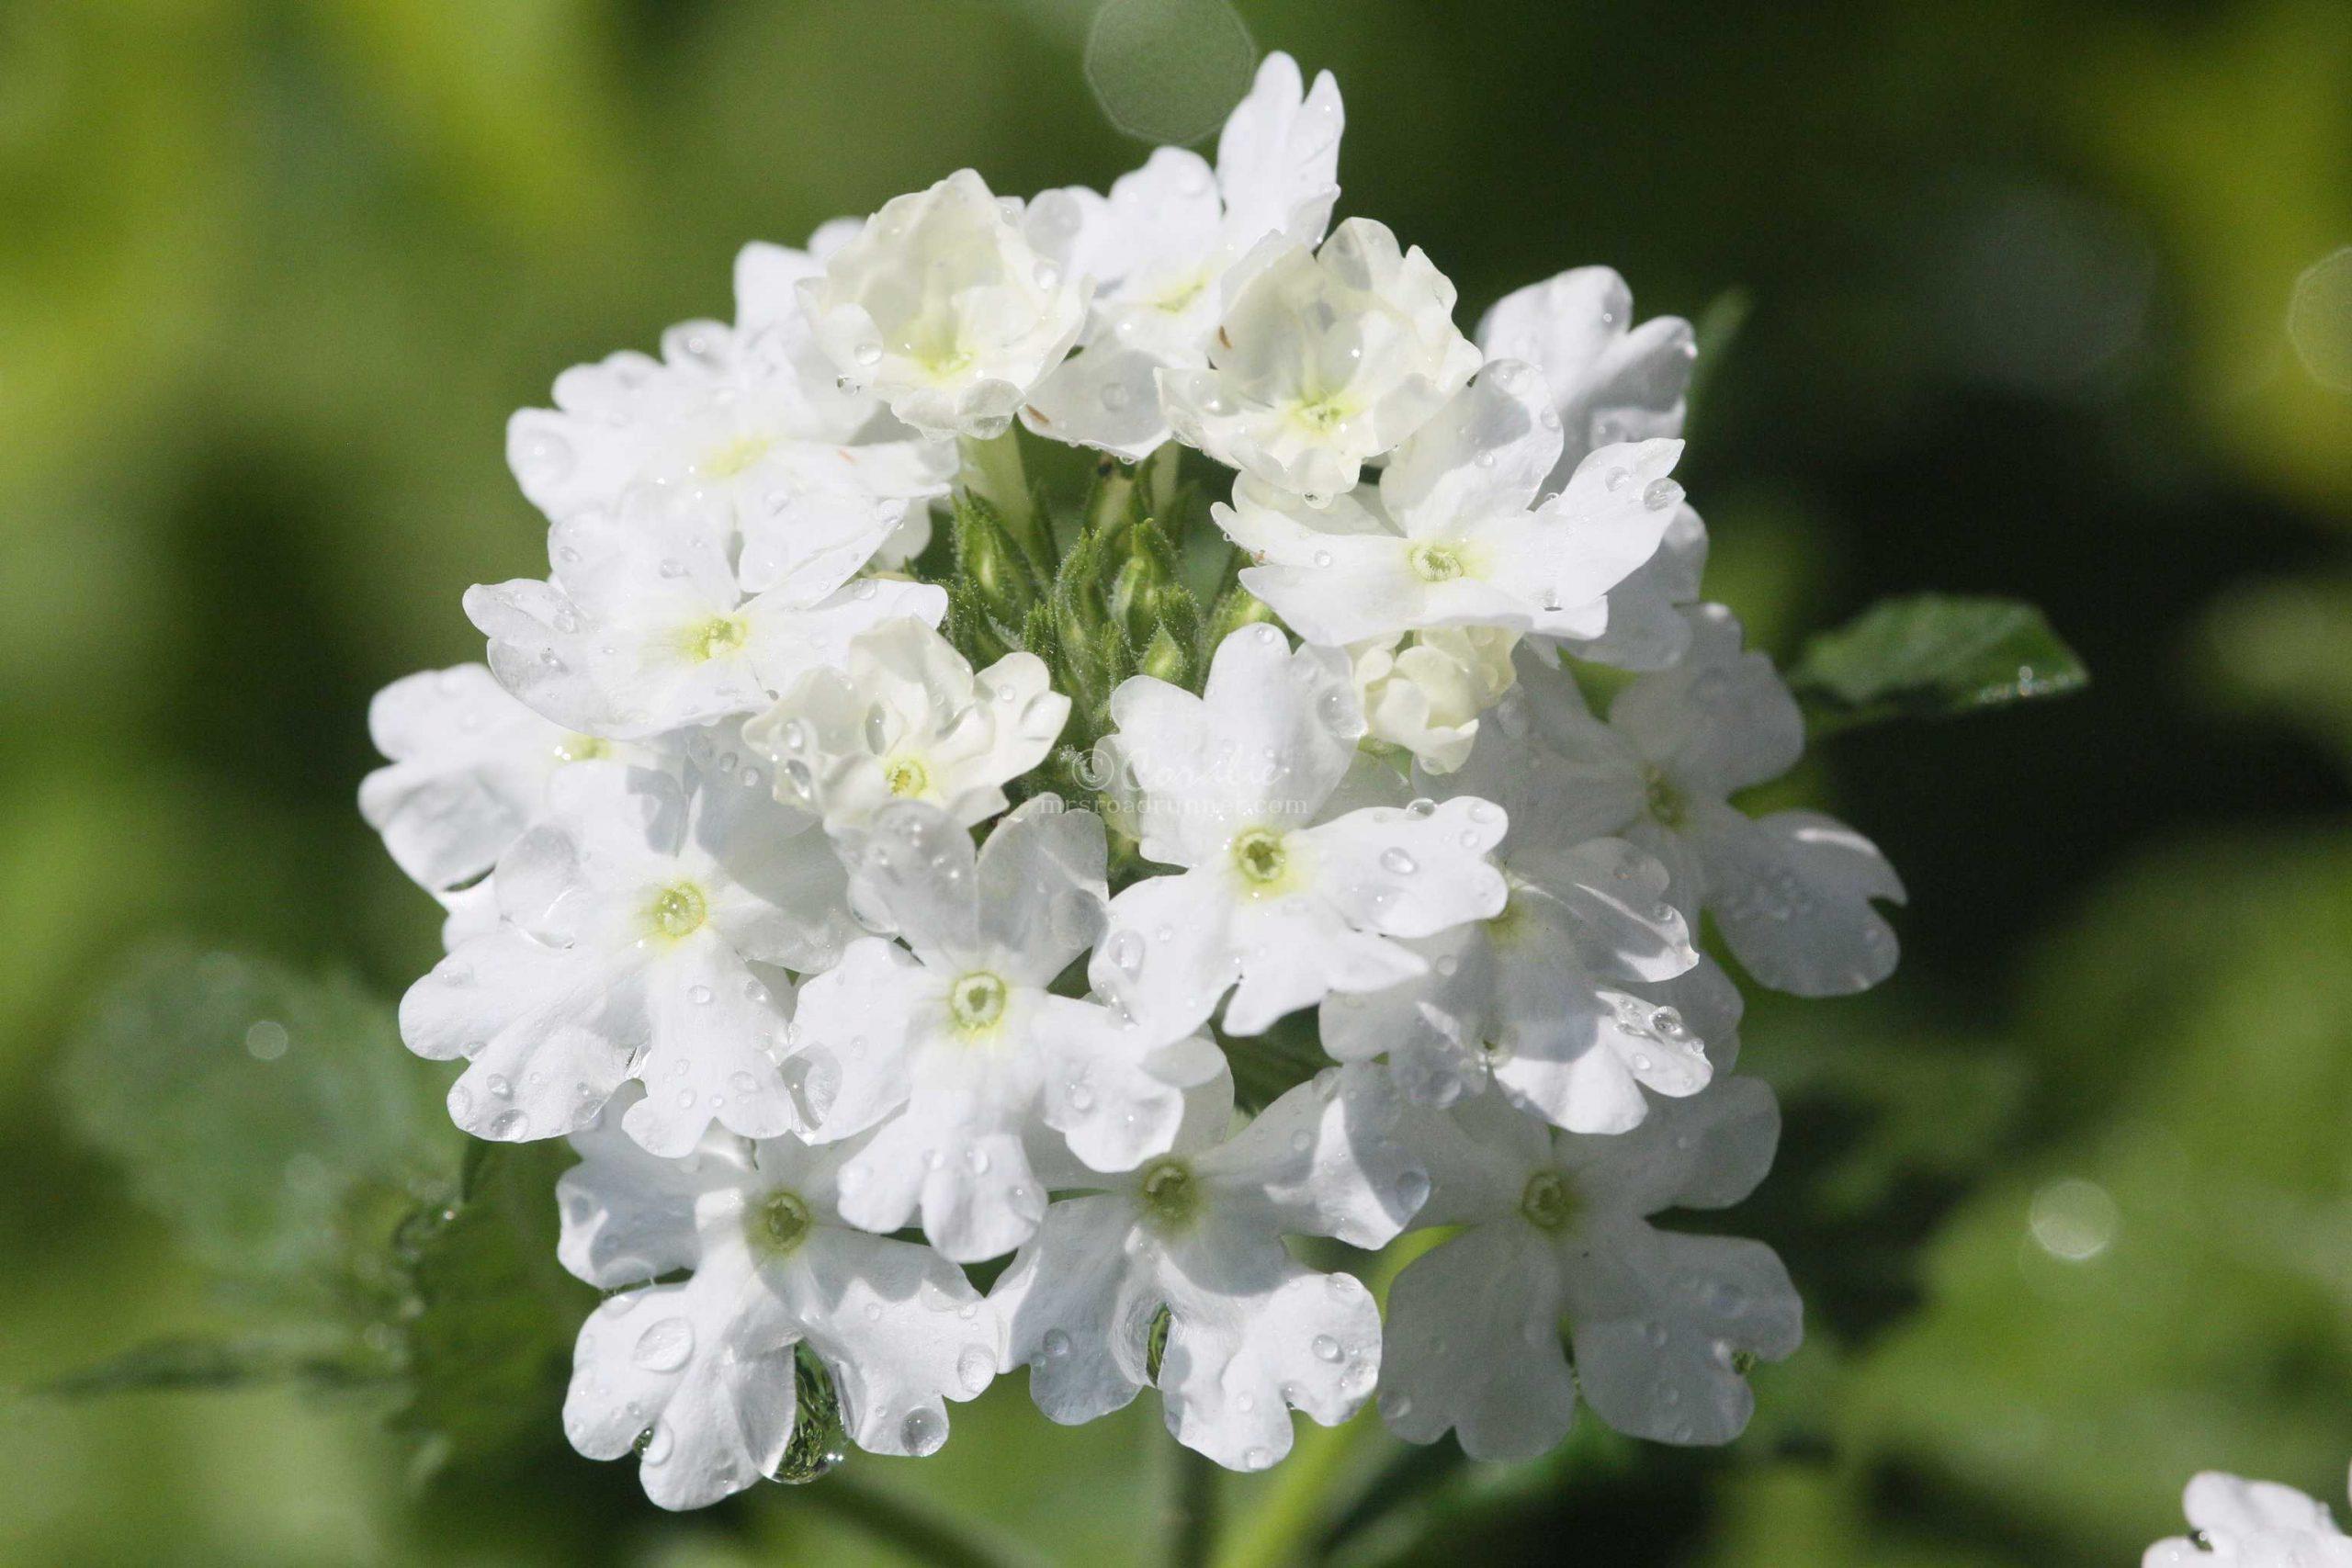 water-drop-verbena-flower-T38A1225